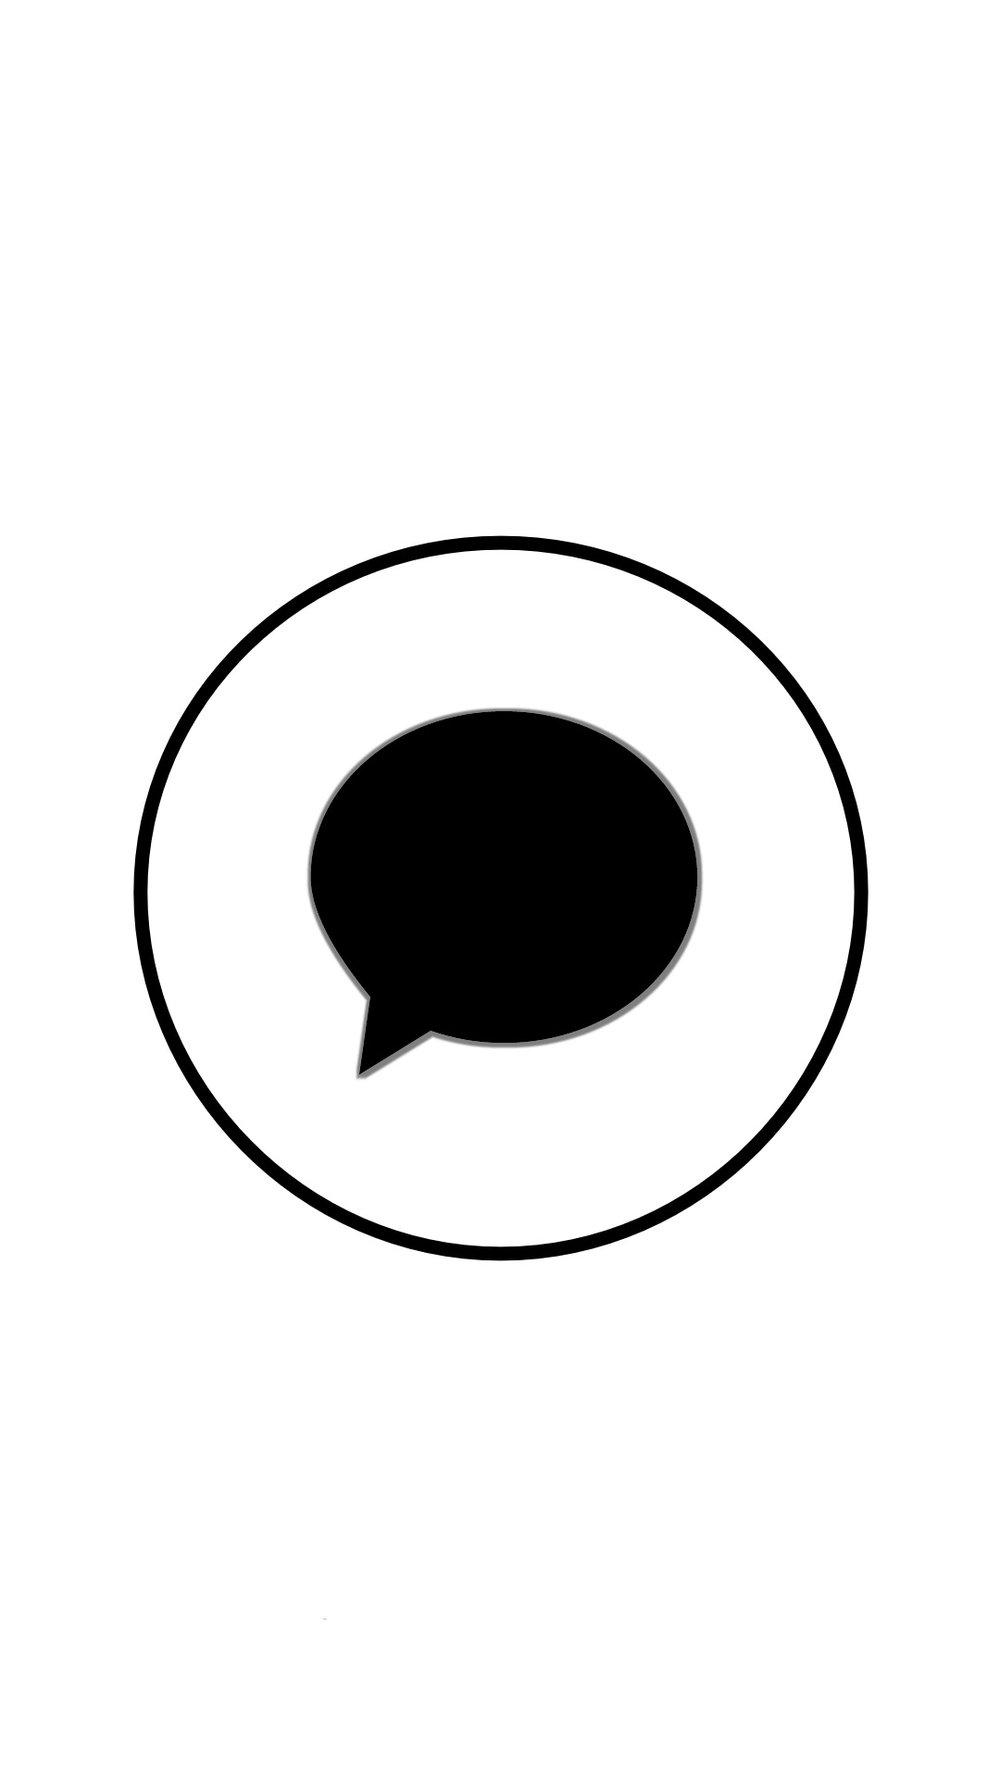 Instagram-cover-chat-blackwhite-lotnotes.com.jpg